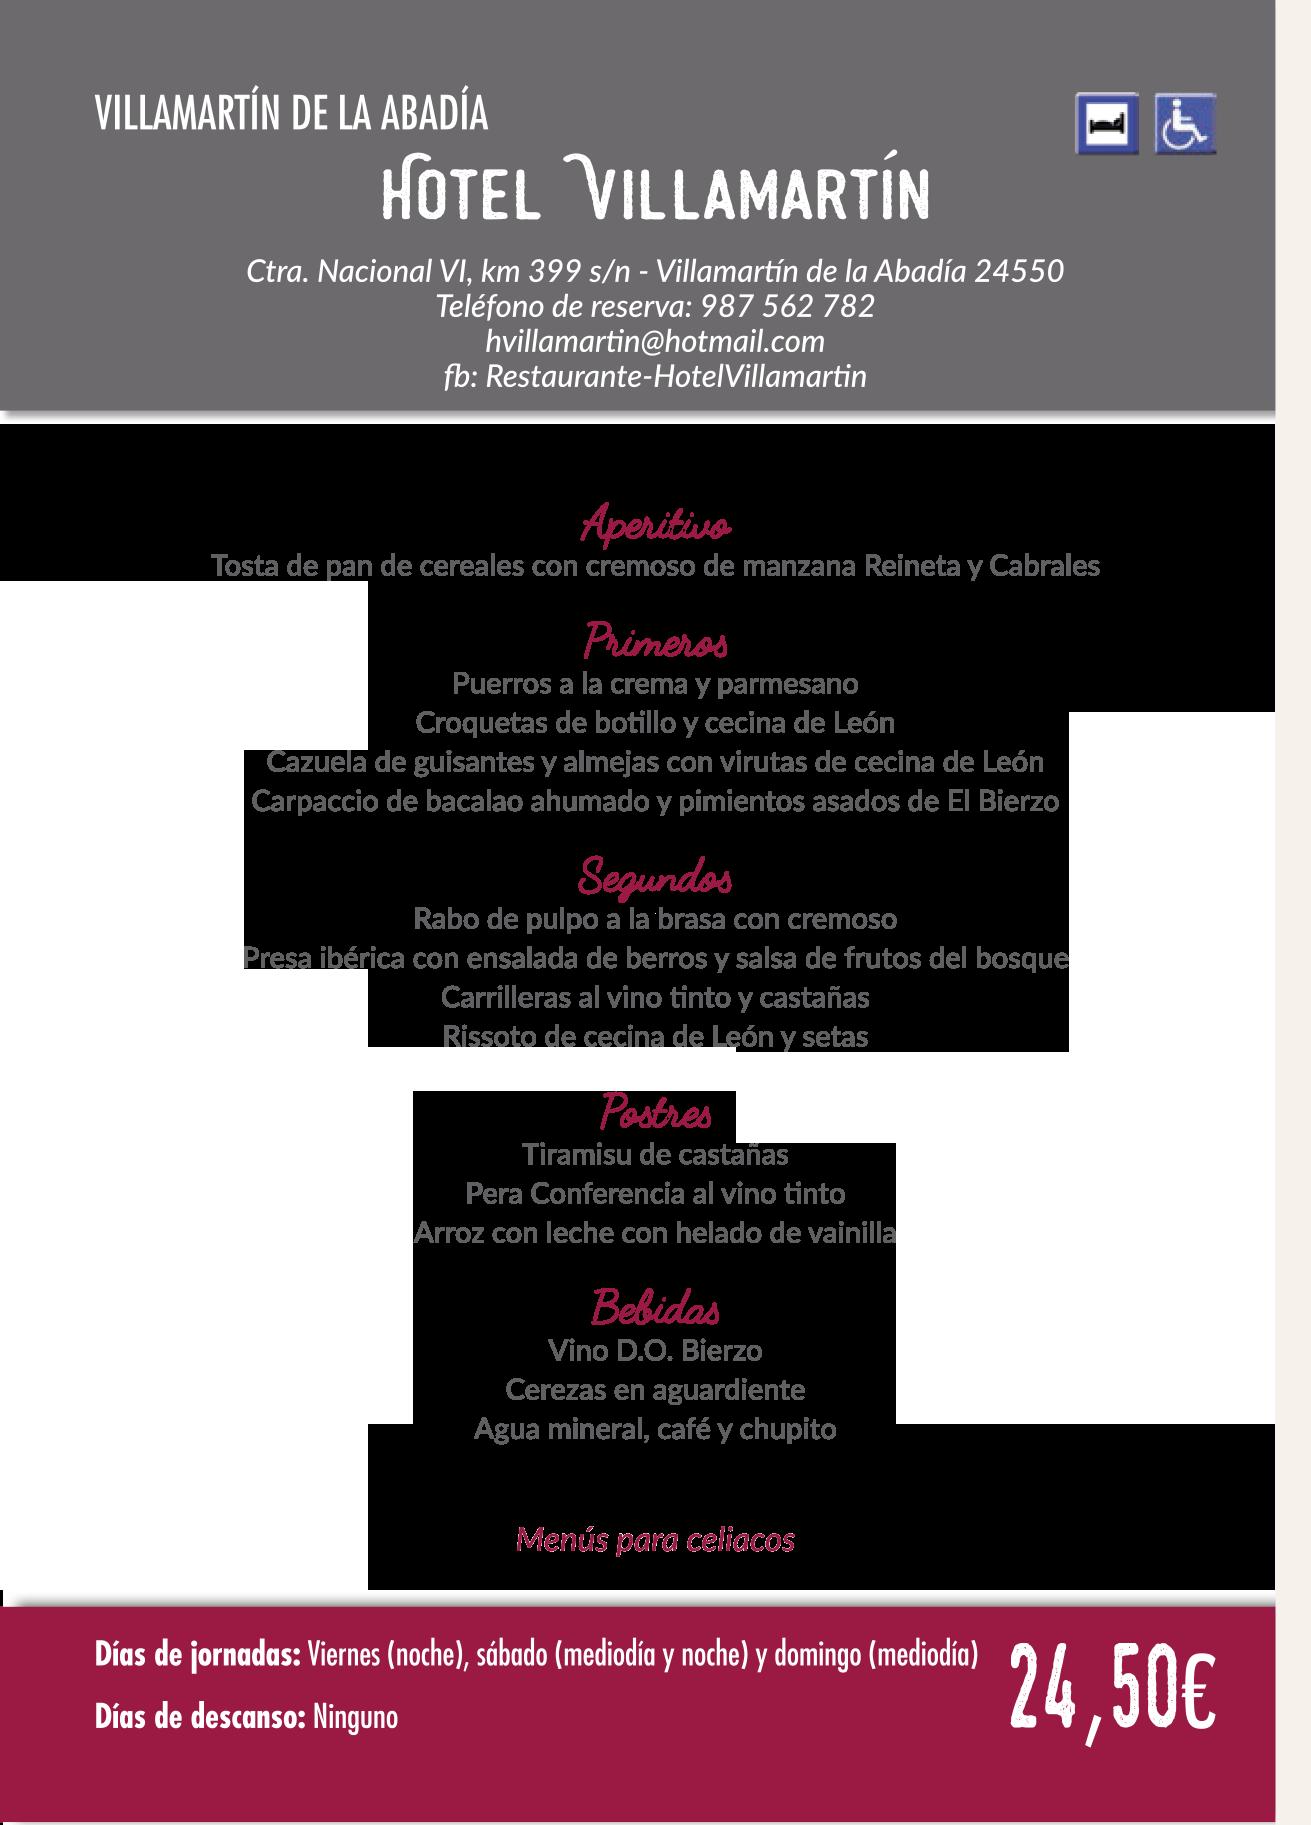 Las Jornadas Gastronómicas del Bierzo llegan a su 35 edición. Consulta los menús de esta edición 32